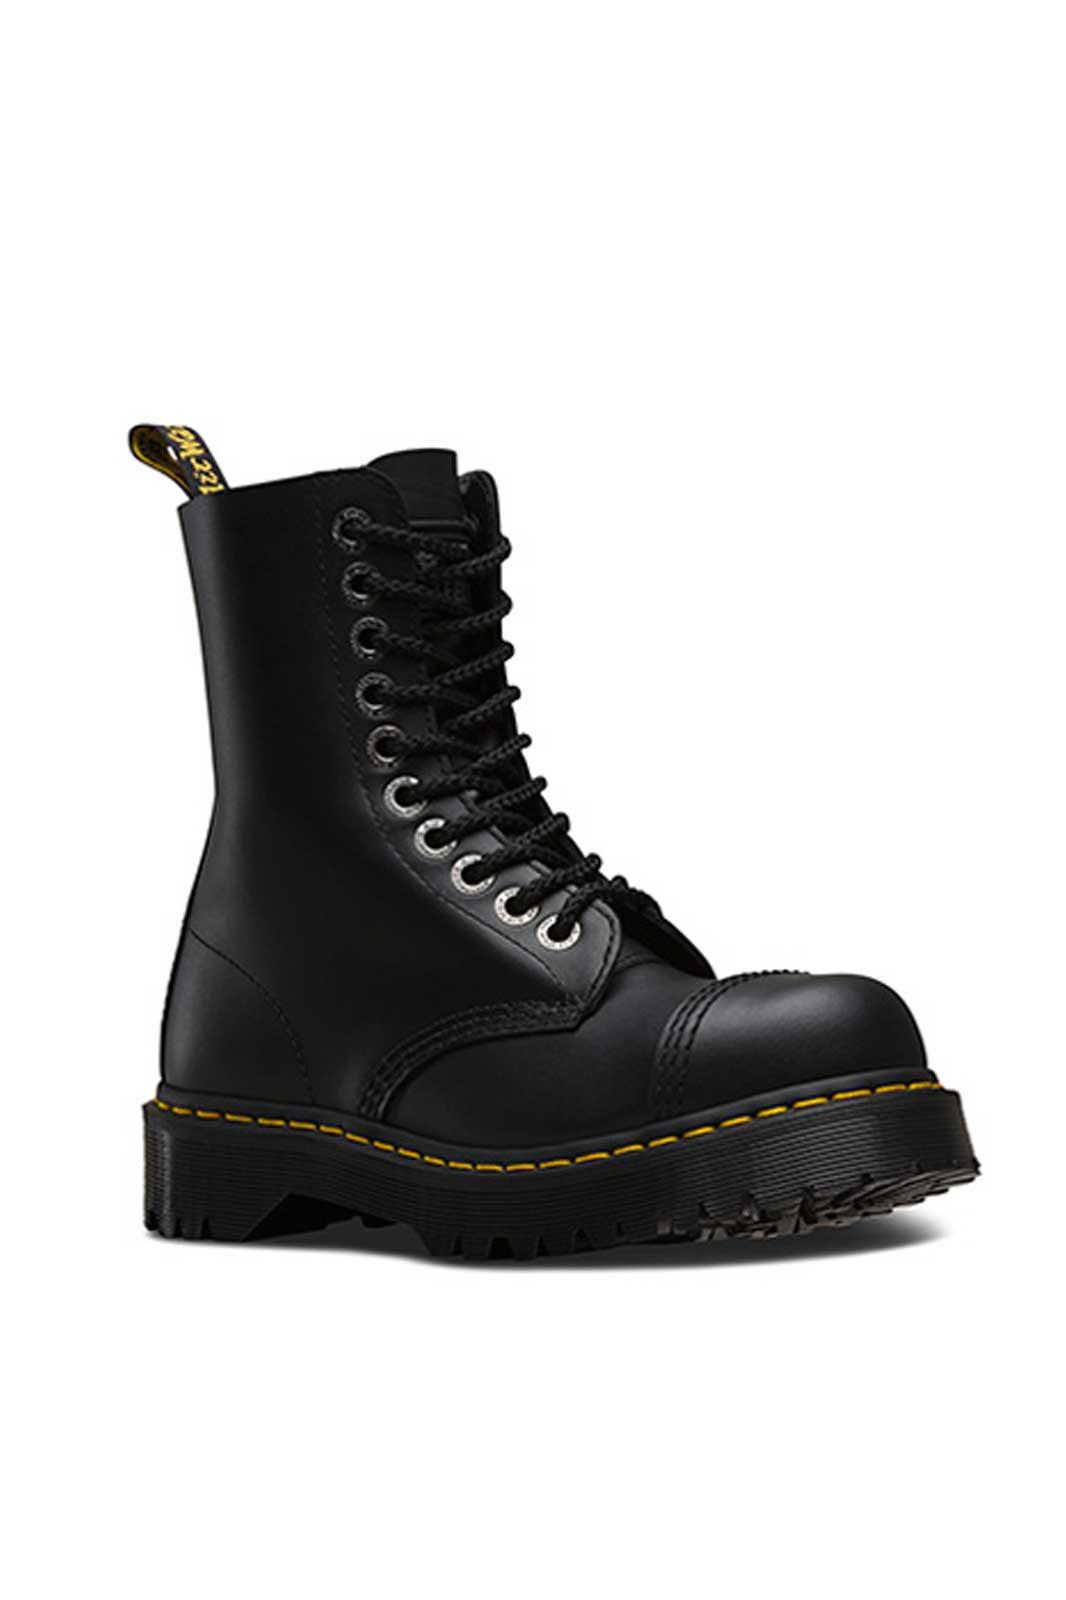 dr martens 8761-10 eye steeltoe boot